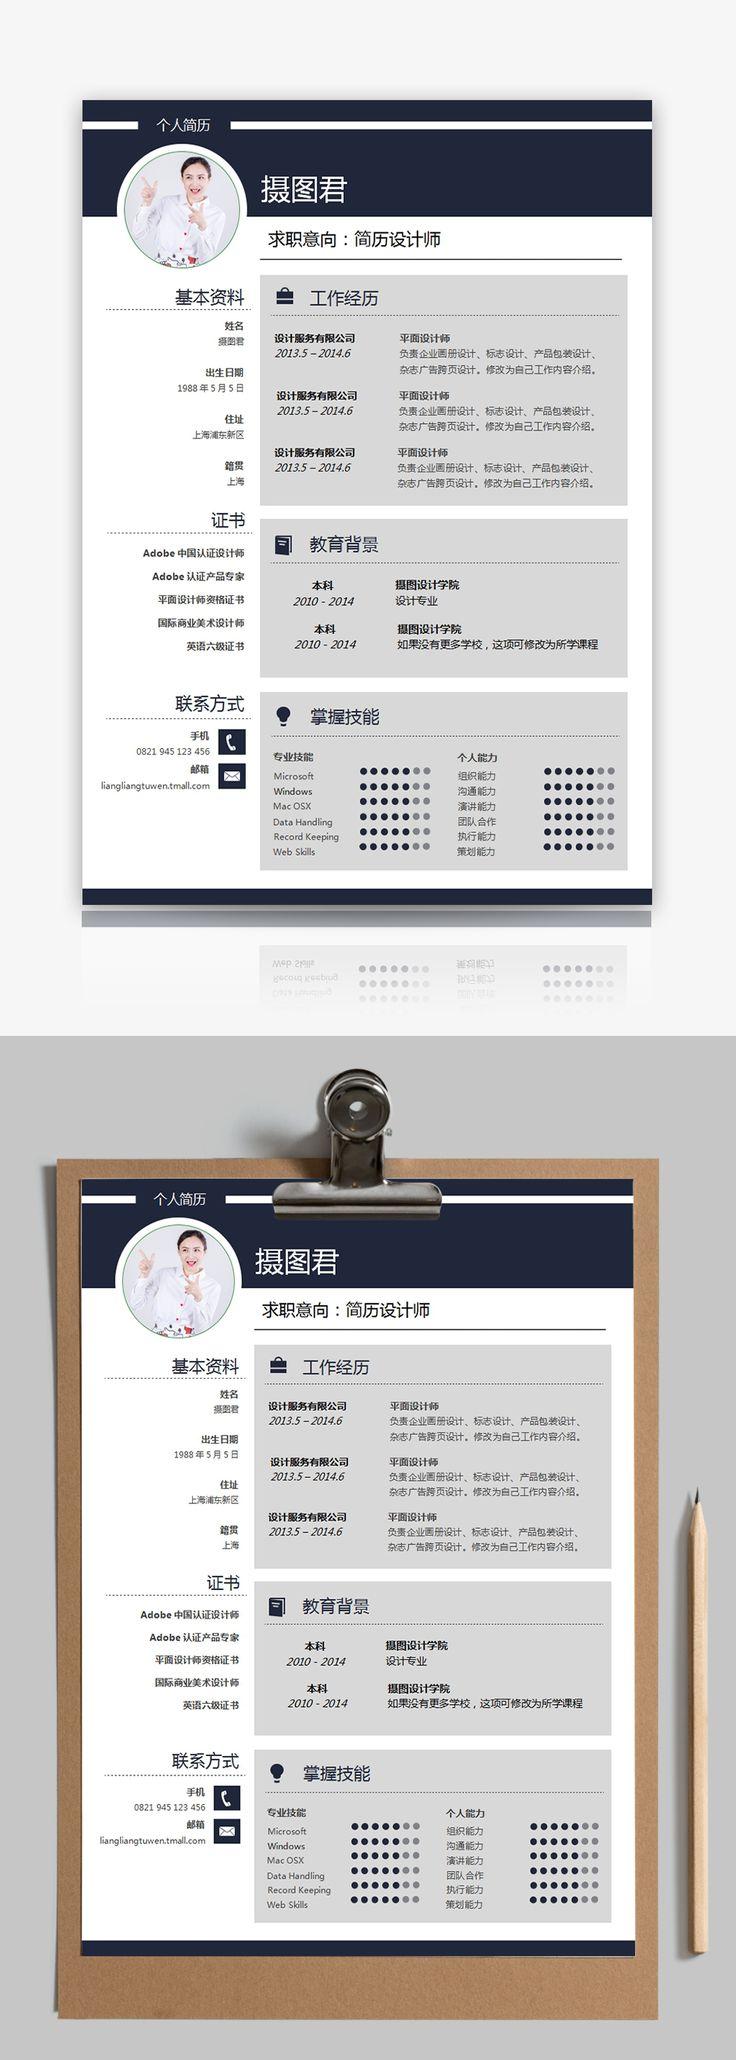 設計師個人履歷word模板 in 2020 | Web app design. Resume words. Resume design